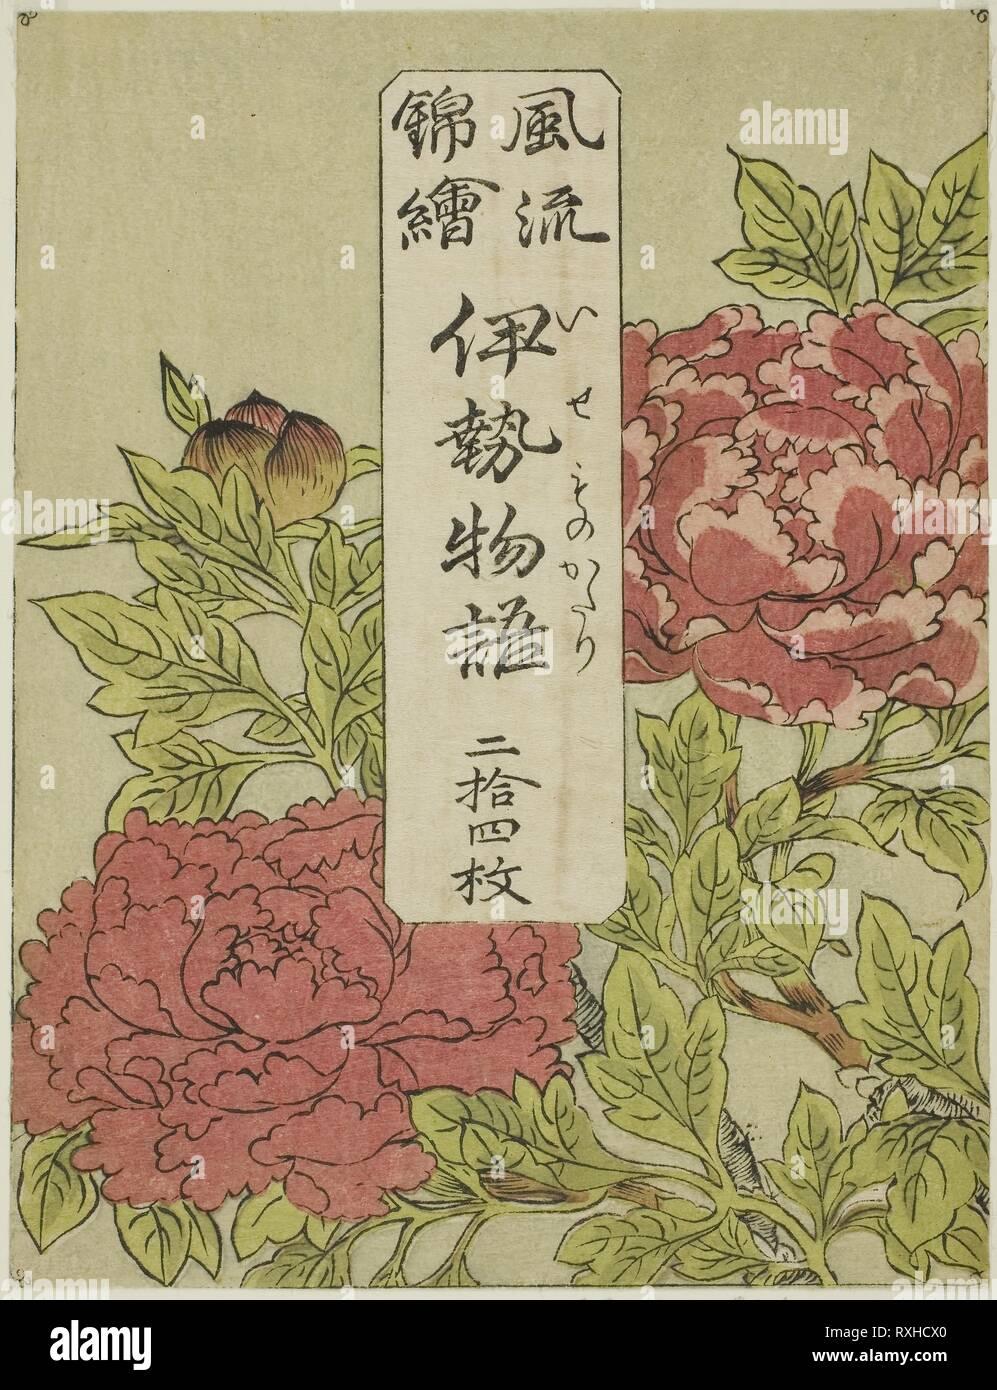 Color-Printed wrapper per la serie 'Furyu Nishiki-e Ise Monogatori'. Katsukawa Shunsho ?? ??; Giapponese, 1726-1792. Data: 1767-1778. Dimensioni: complessivo: 63,5 x 40,8 cm (25 x 16 1/16 in.); Immagine: 17,5 x 13,5 cm (6 7/8 x 5 5/16 in.). Colore stampa woodblock. Provenienza: Giappone. Museo: Chicago Art Institute. Foto Stock